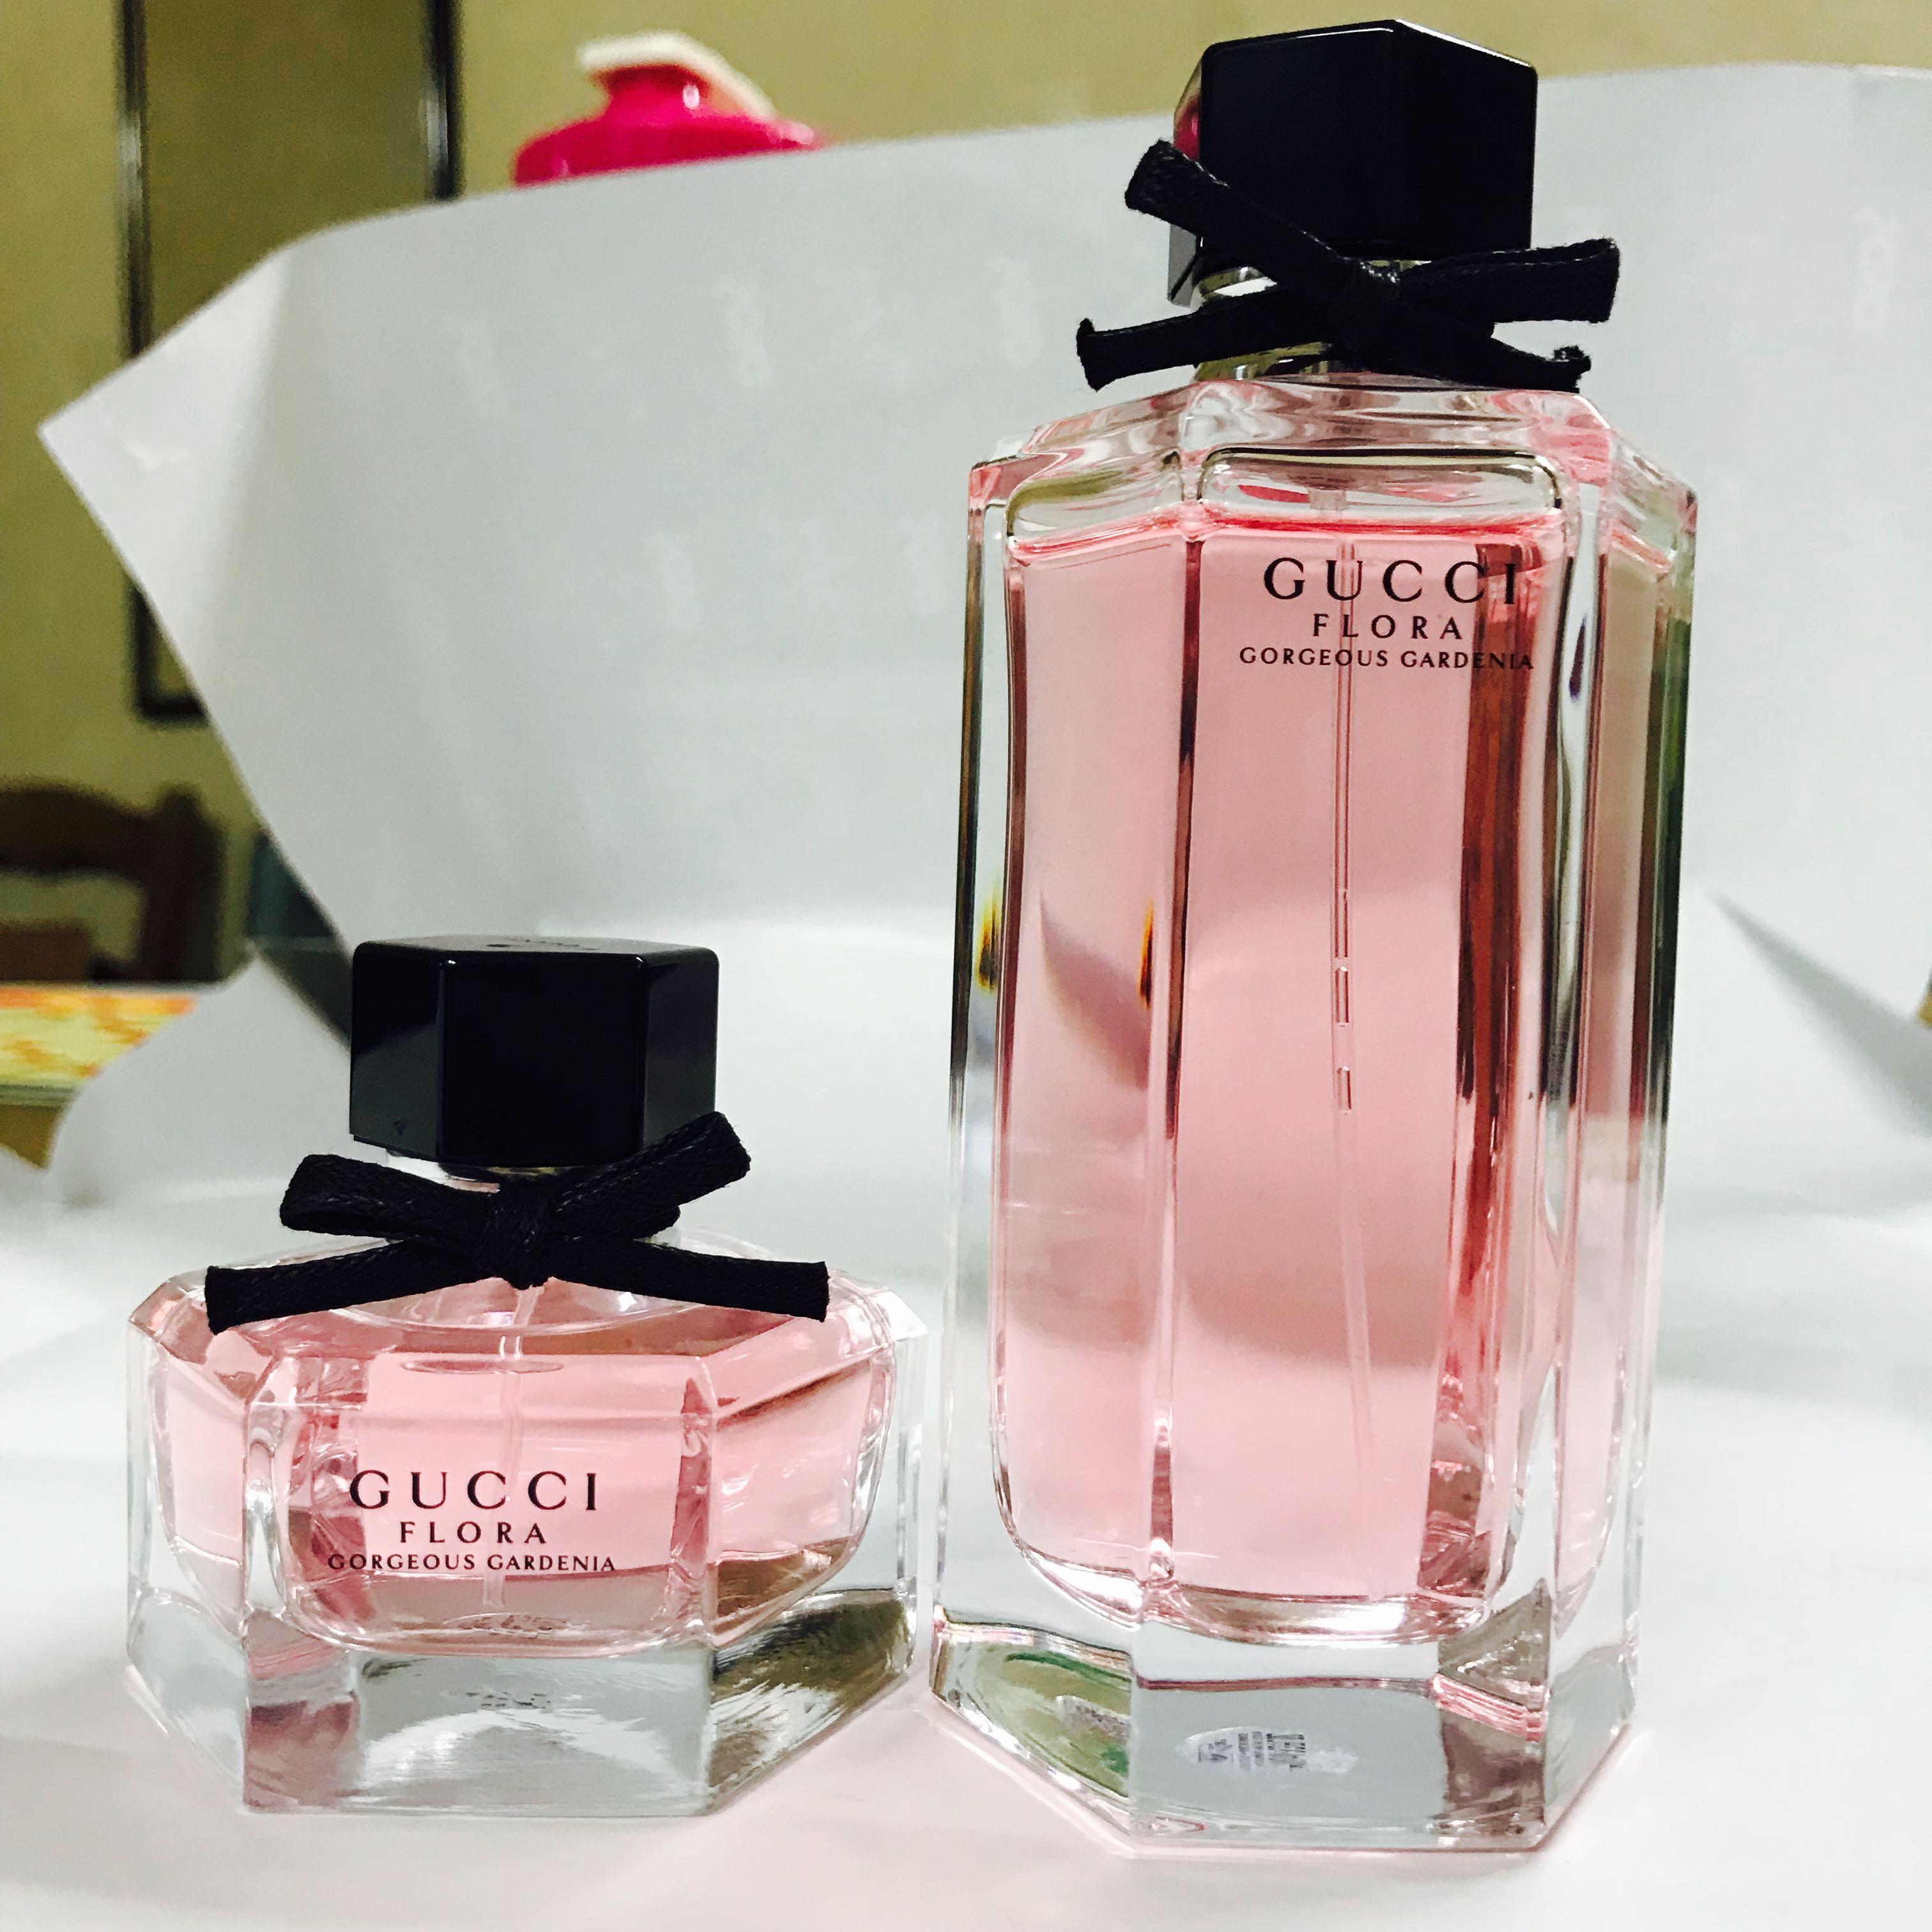 324eeef9922 Free Postage   Gucci Flora Gorgeous Gardenia EDT Perfume 100ml ...